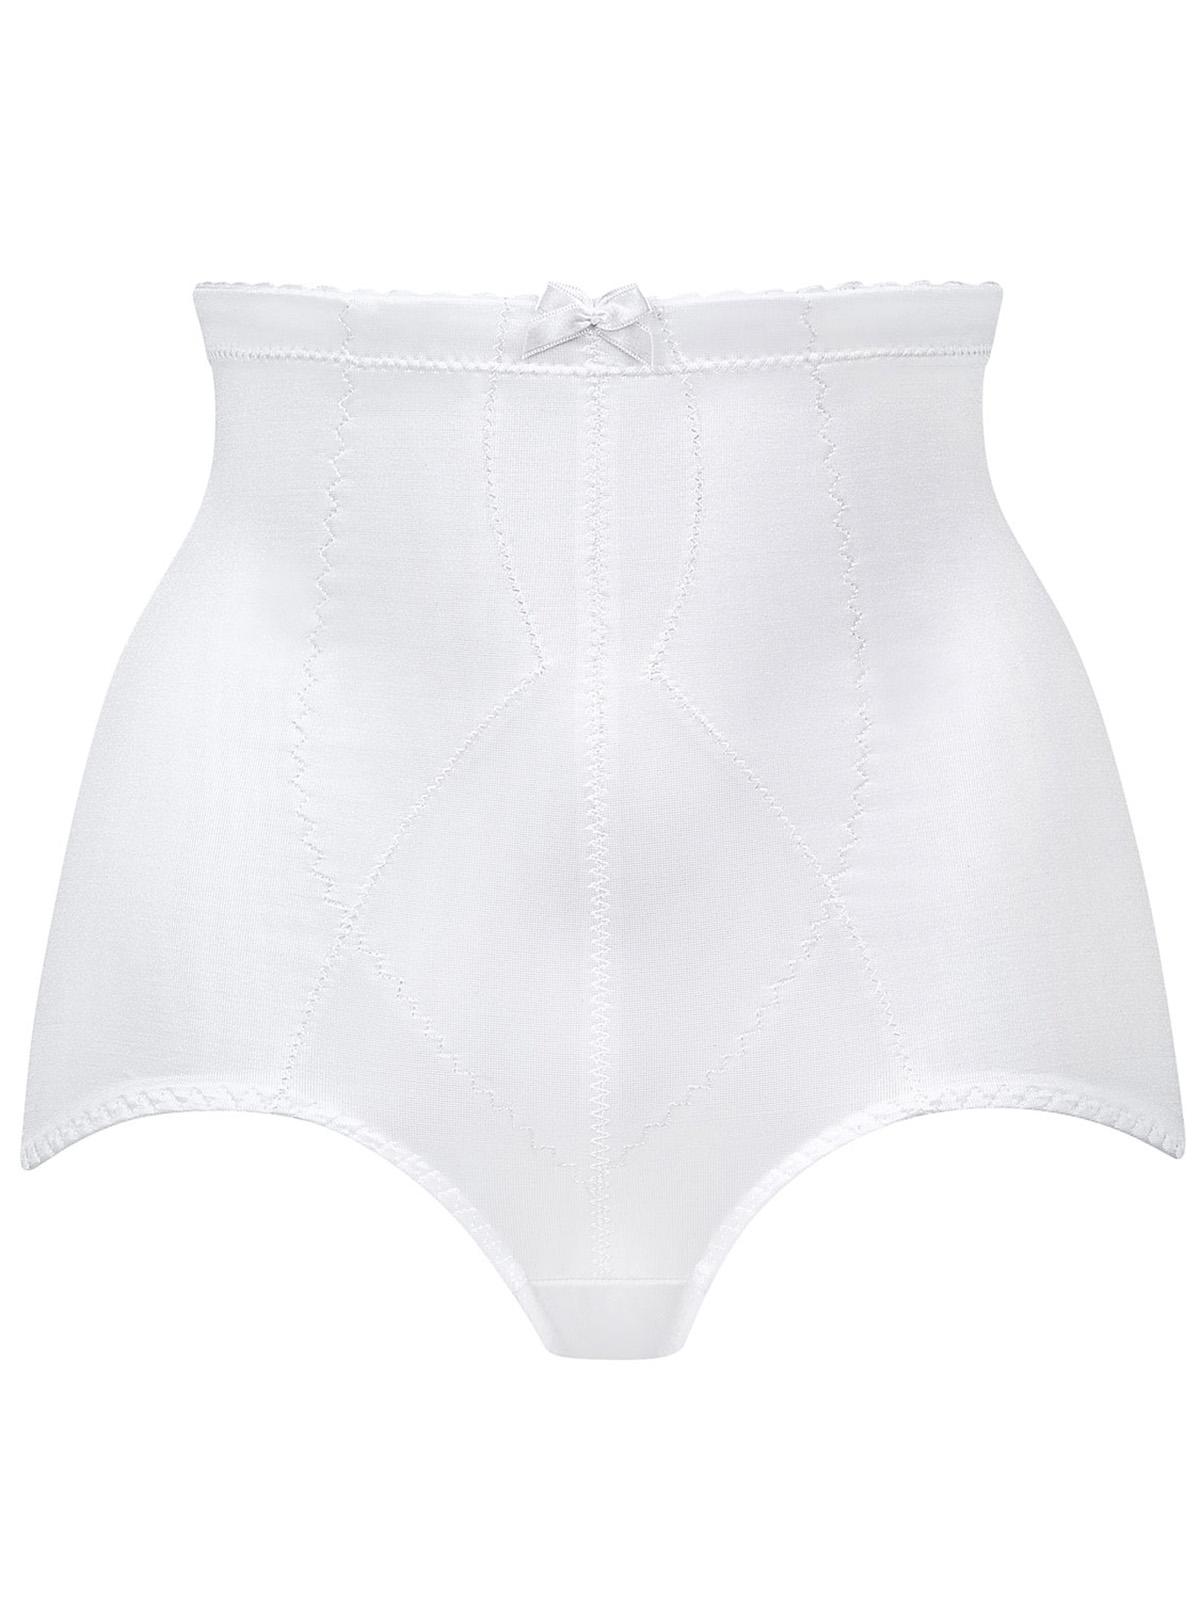 Naturana Panty Girdle 0029